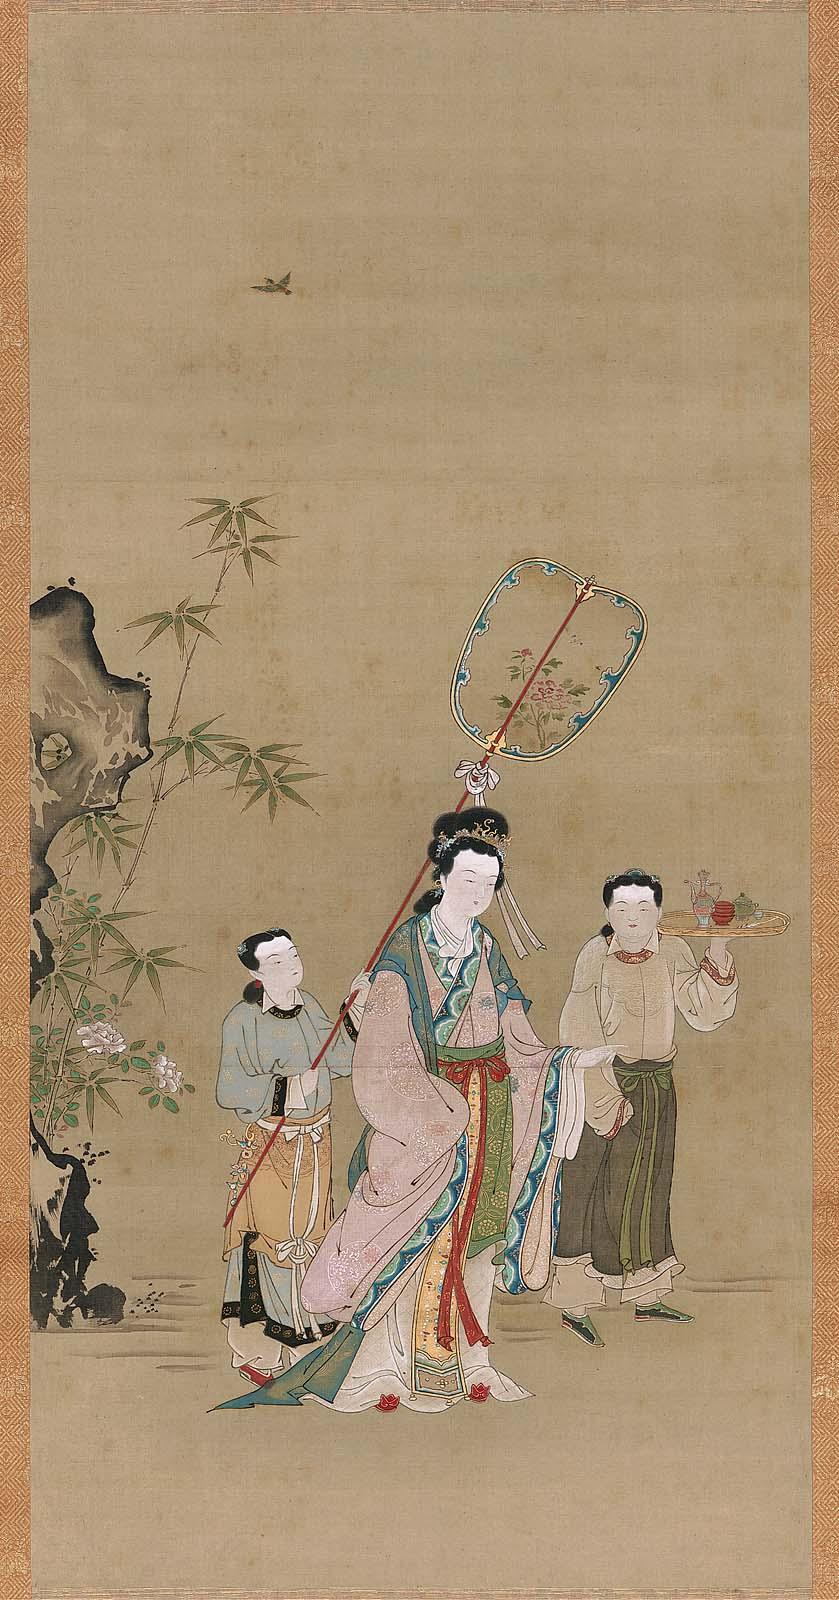 Yang Guifei Museum Of Fine Arts Boston